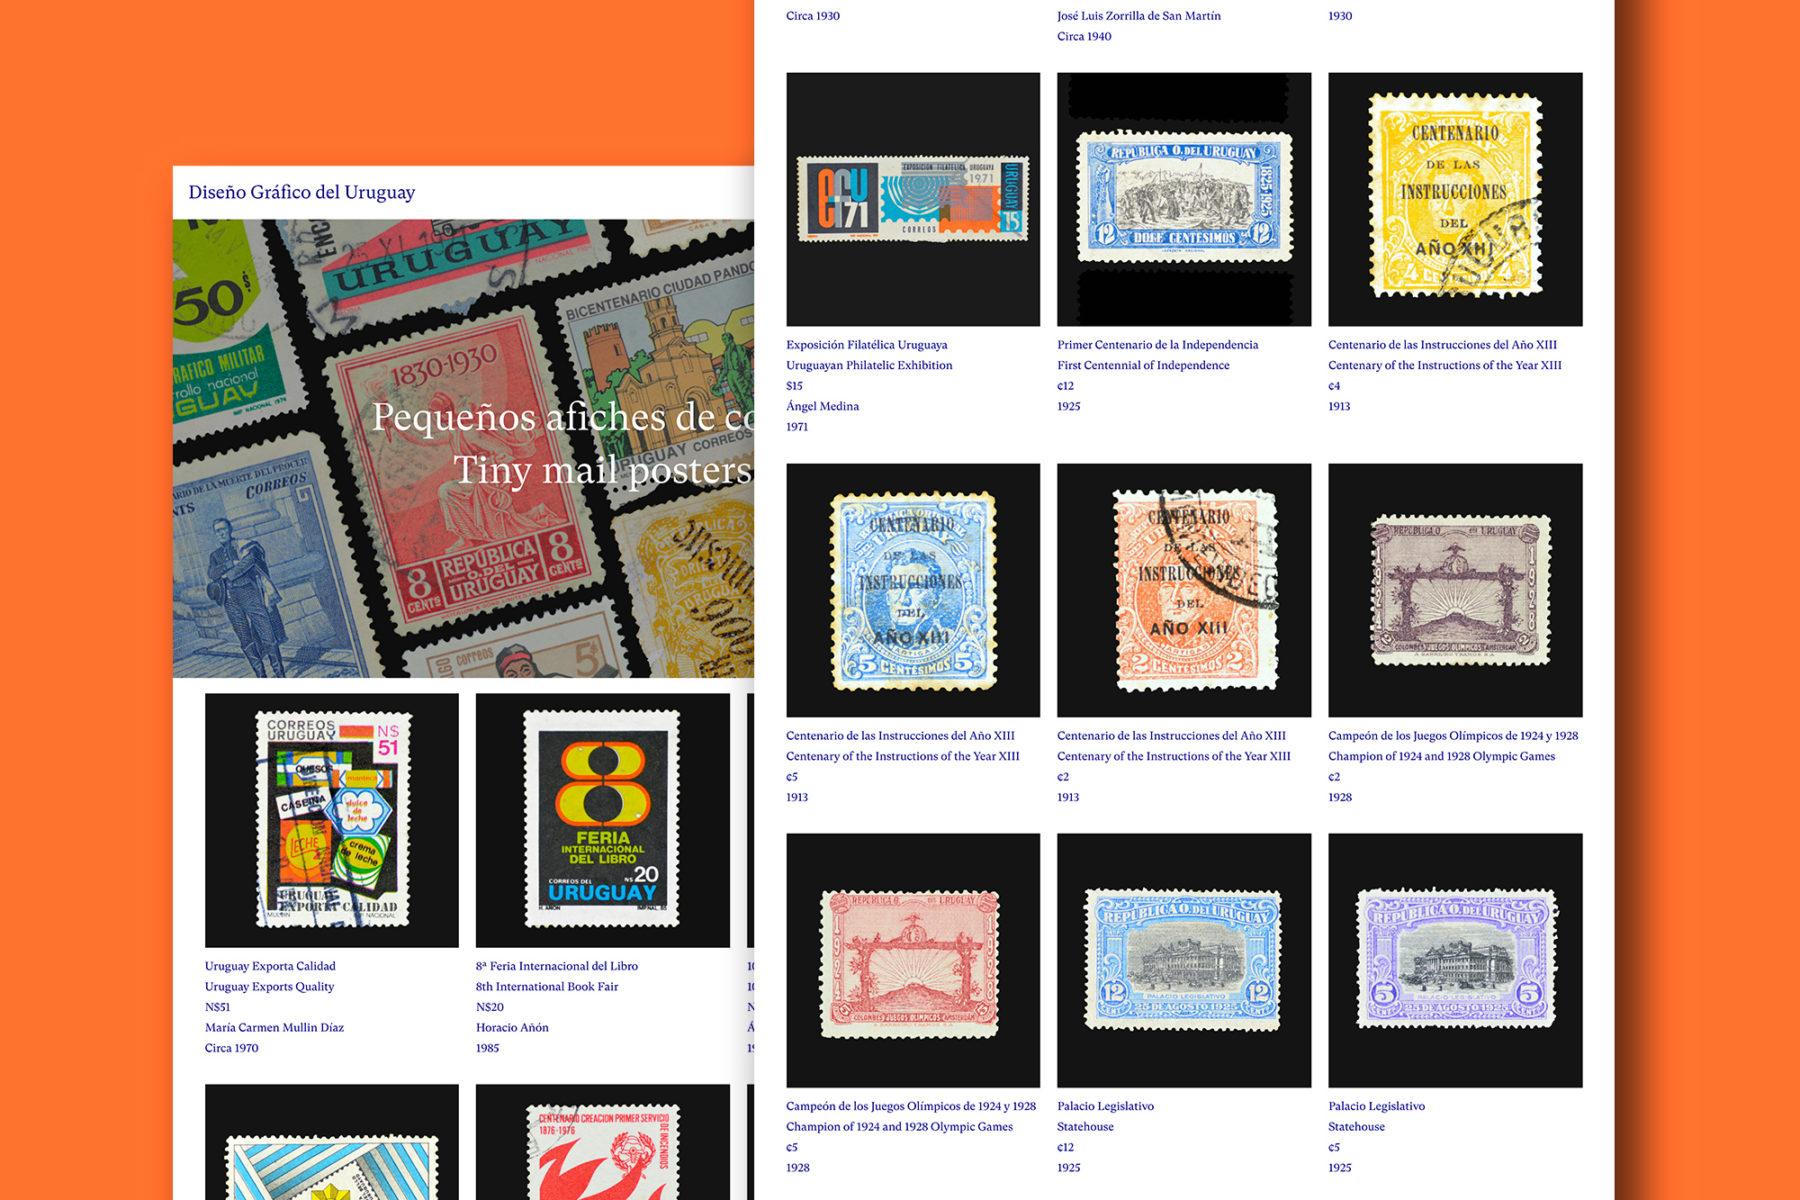 Diseno Grafico del Uruguay stamps